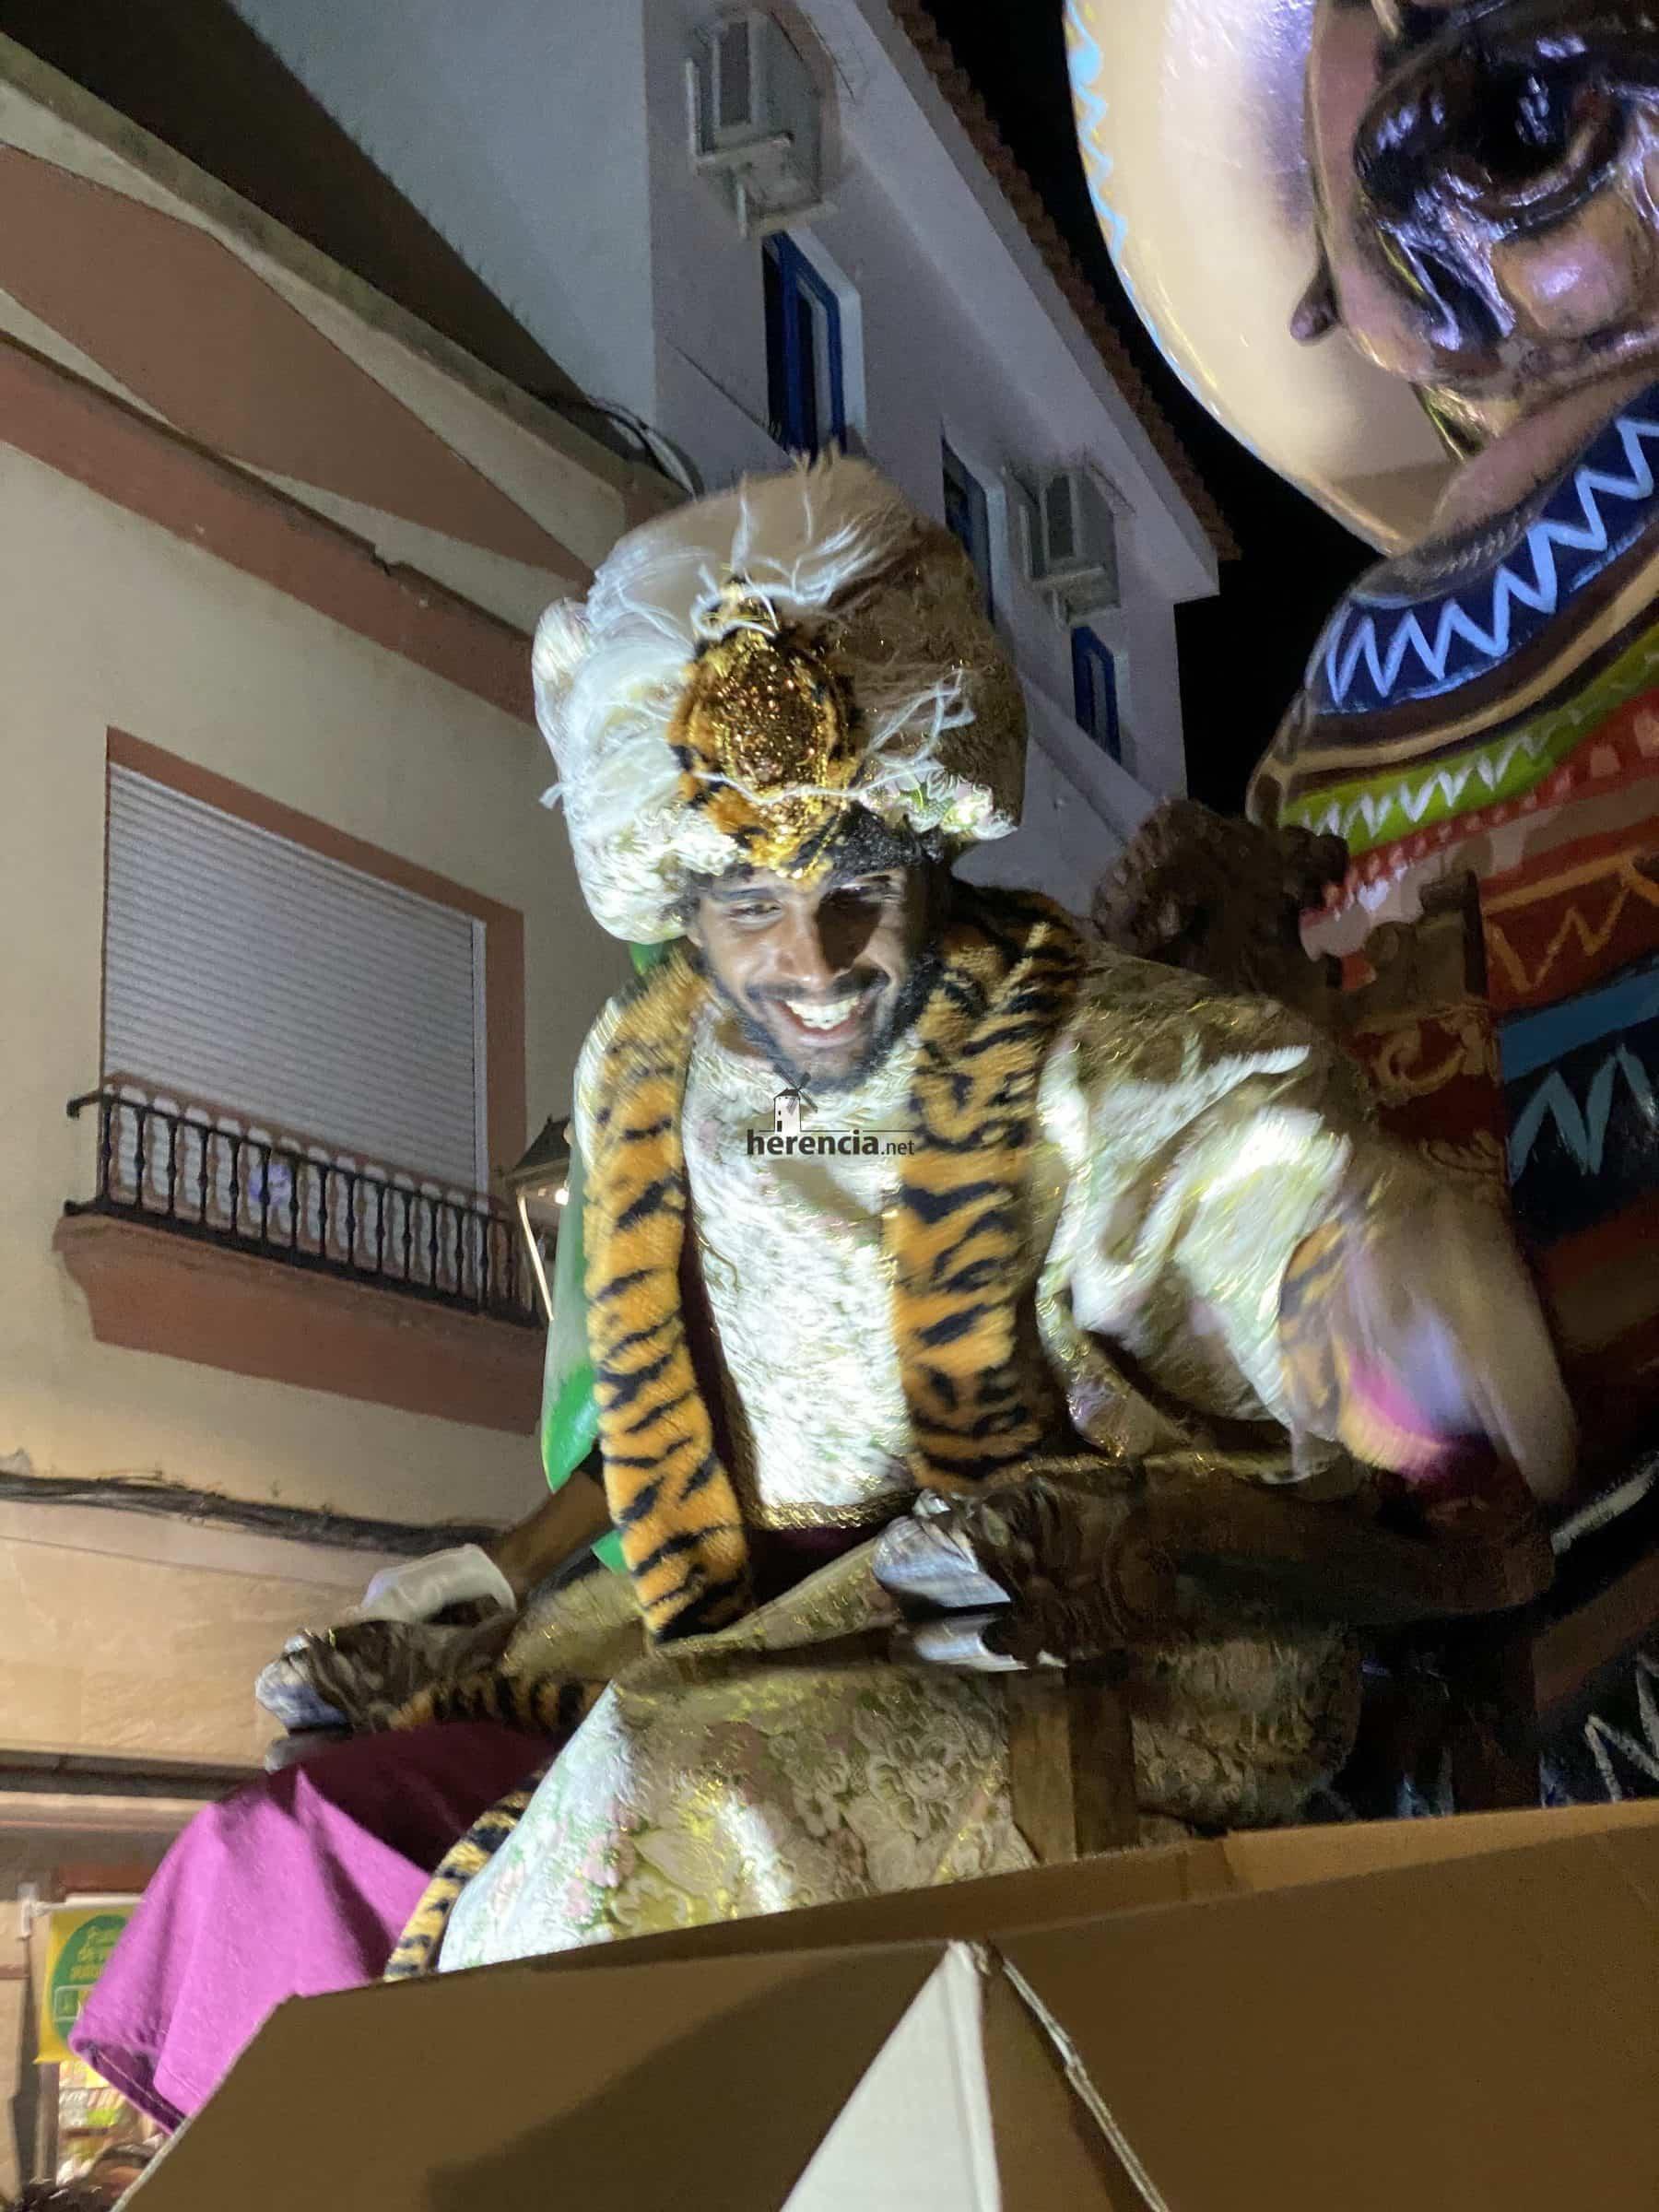 cabalgata reyes 2019 herencia 7 e1578264171767 - Galería de fotografías de Cabalgata de Reyes Magos de Herencia